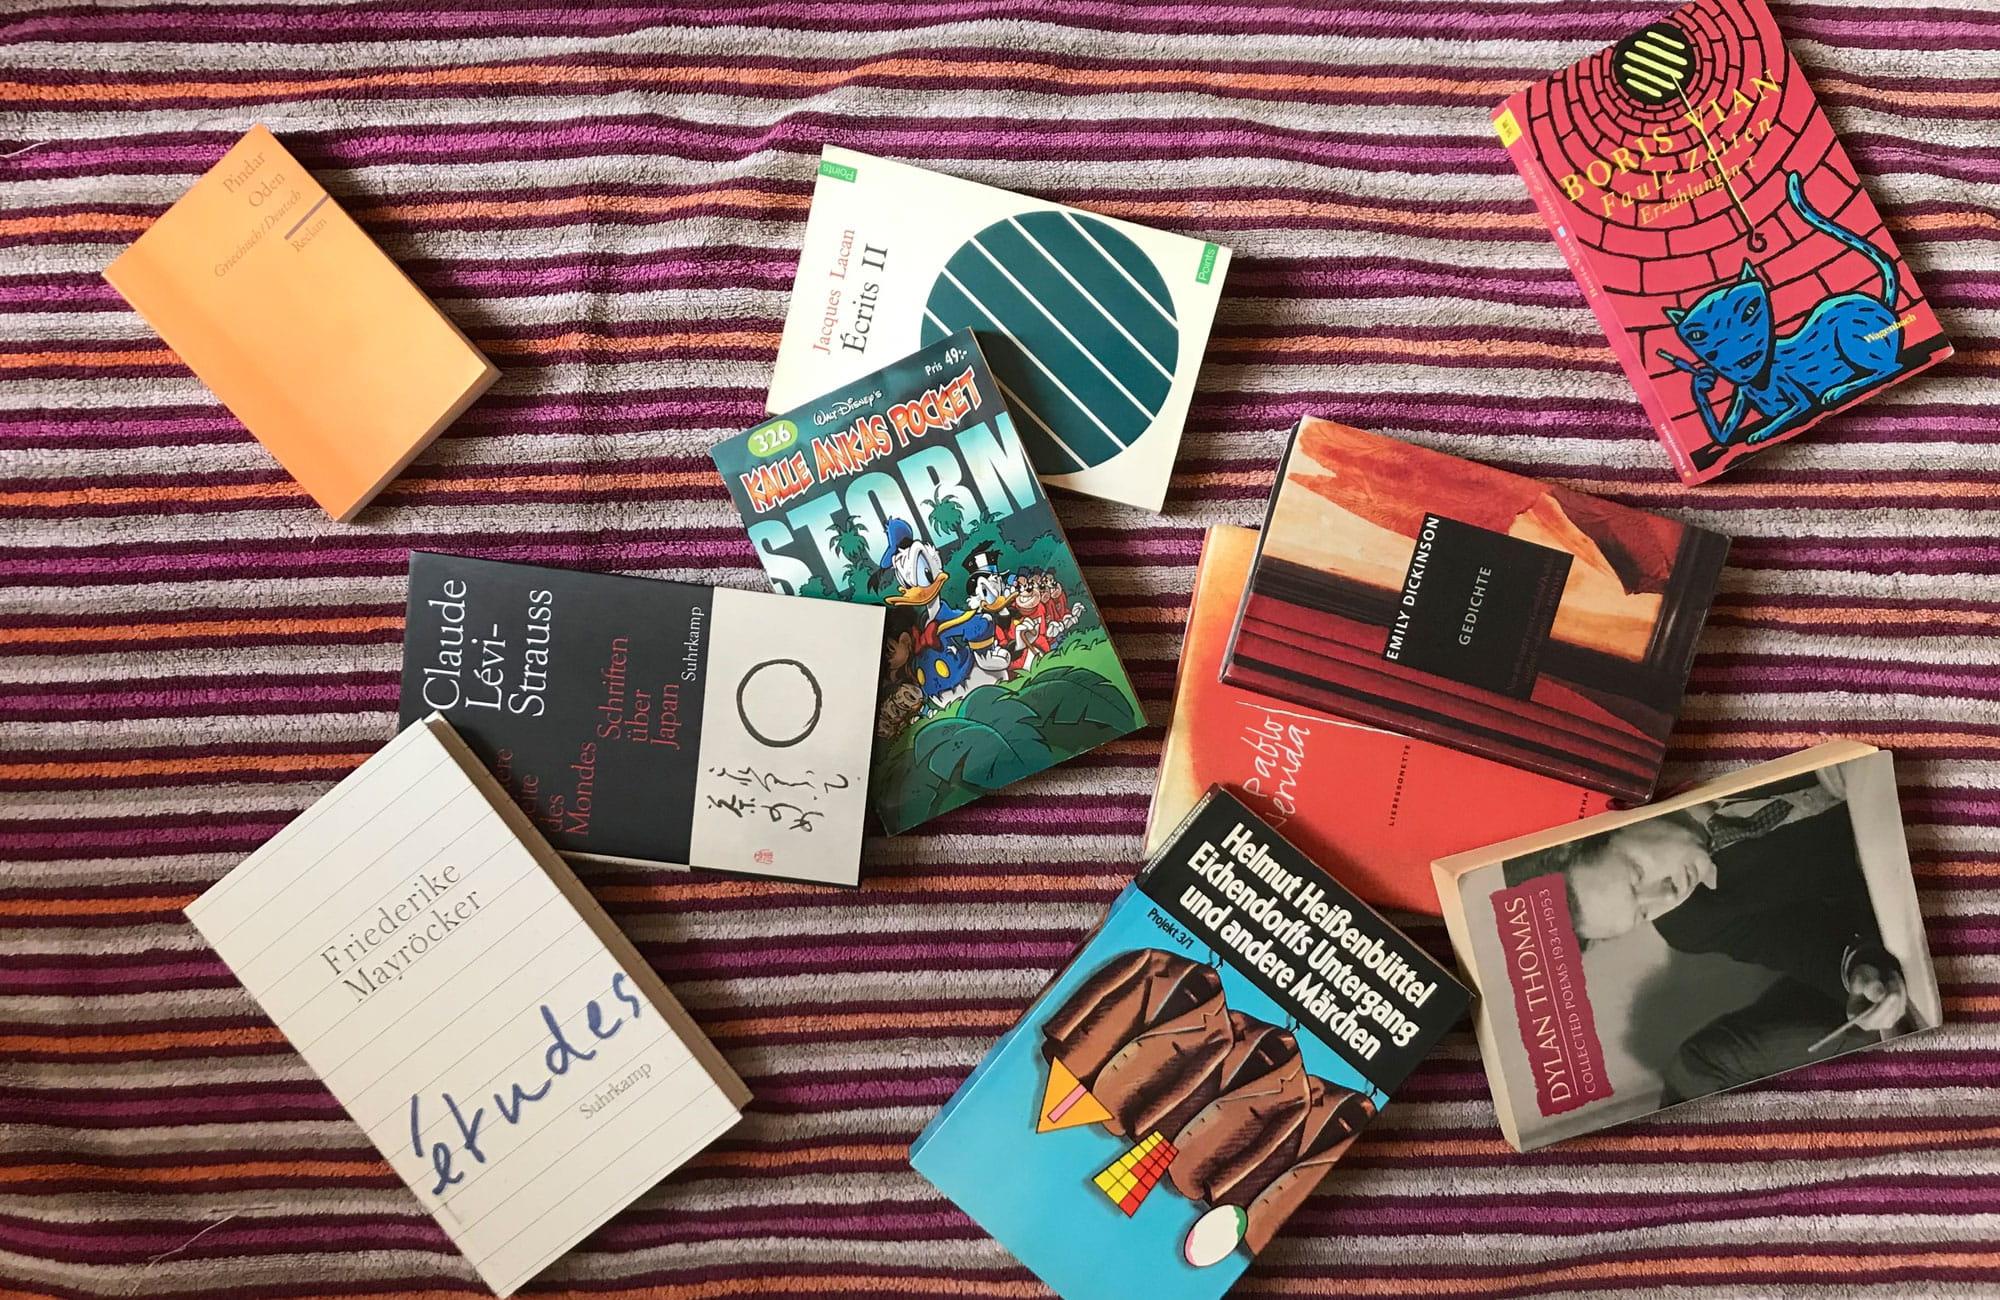 Bücherpicknick